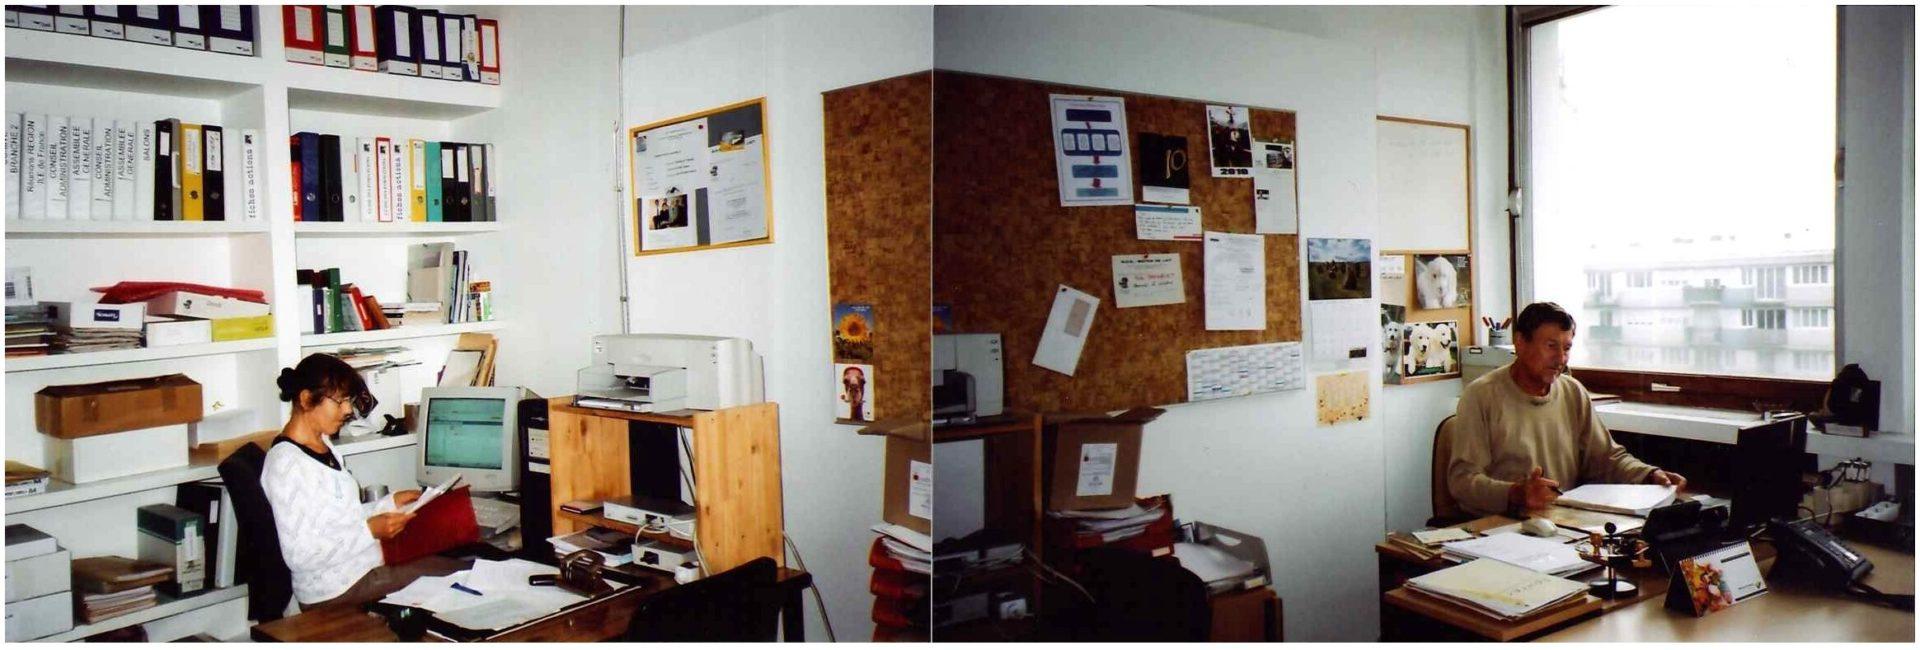 Notre bureau Montreuil